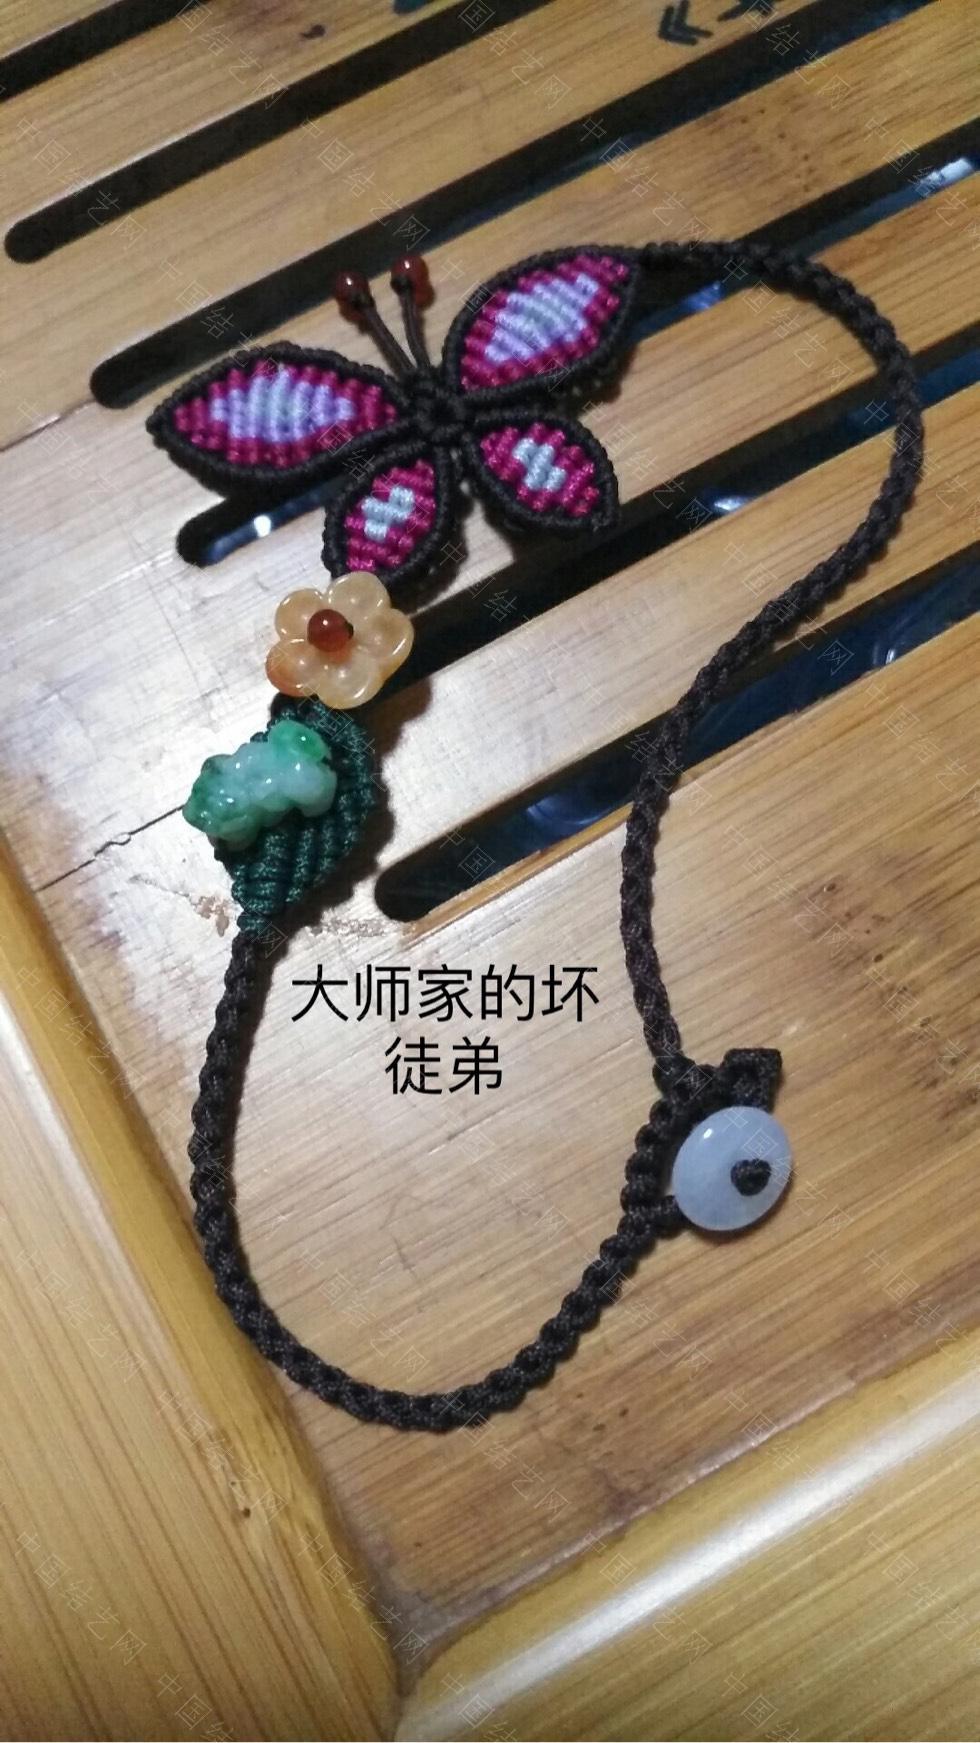 中国结论坛 脚链 脚不要随便戴红绳,为什么说尽量不戴脚链,女孩子为啥不能戴脚链,戴脚链的禁忌 作品展示 075027jzzqm4mfffo2gttg